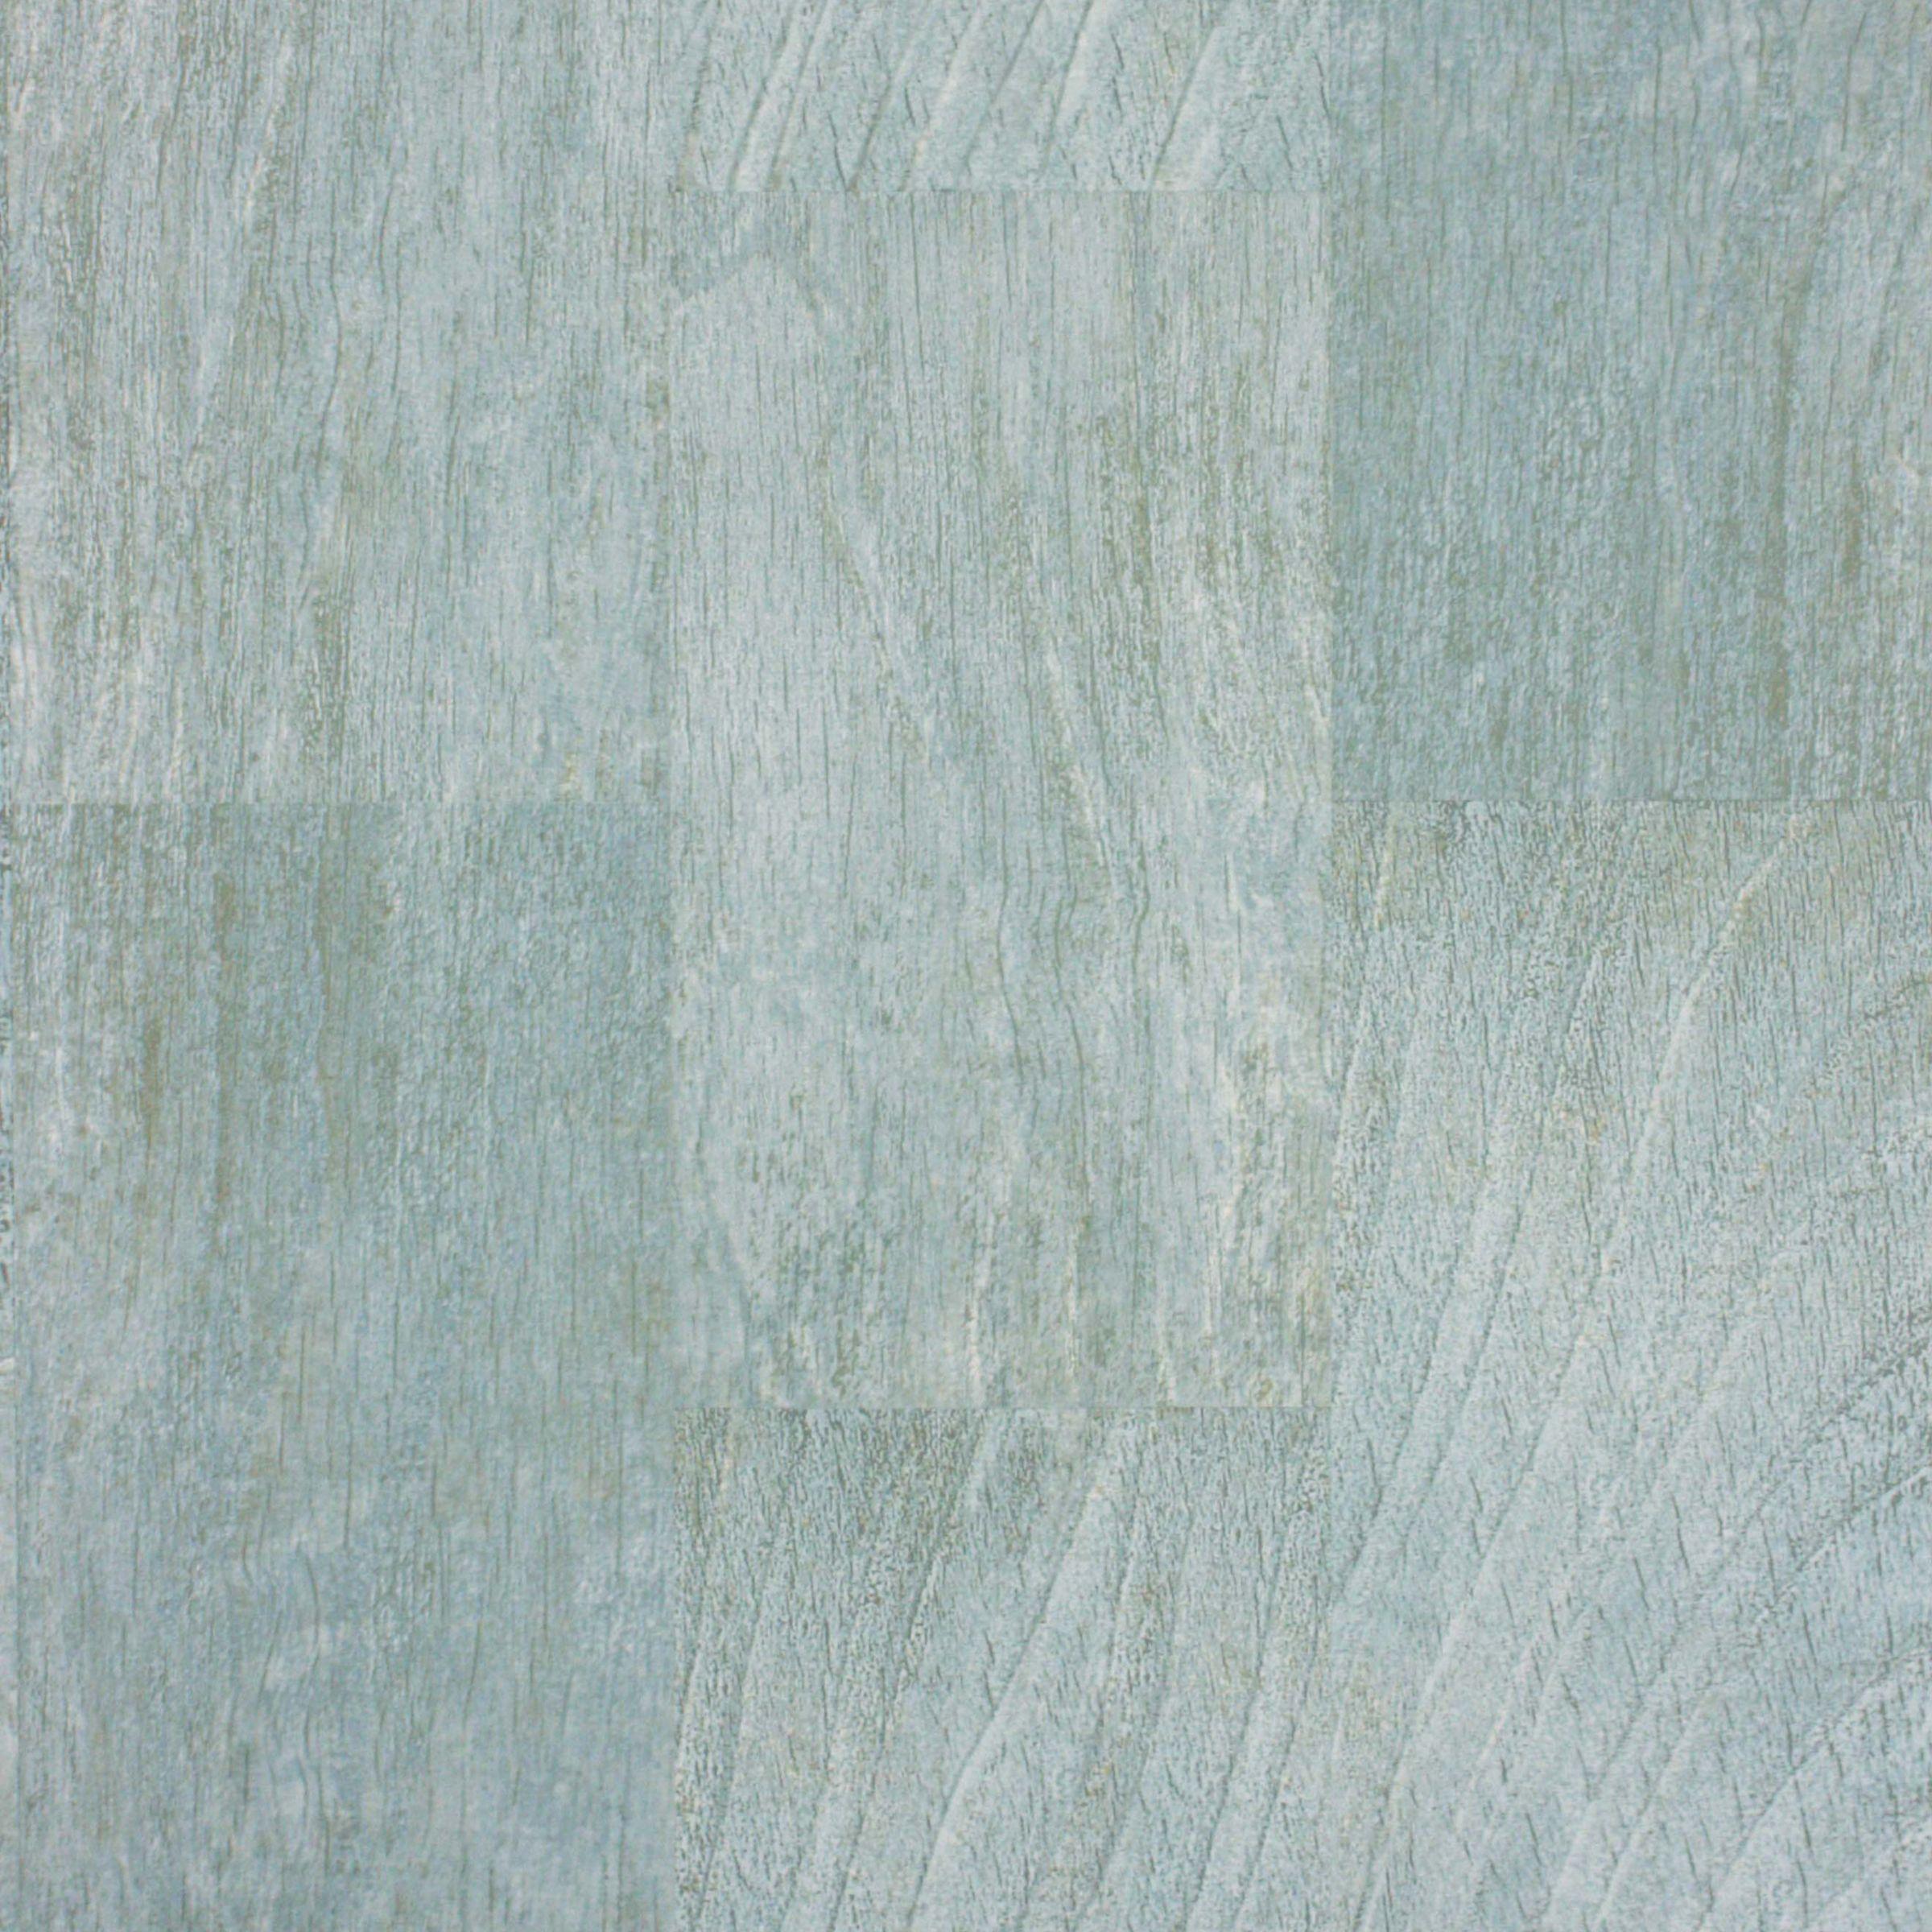 Osborne & Little Osborne & Little Cedar Wallpaper